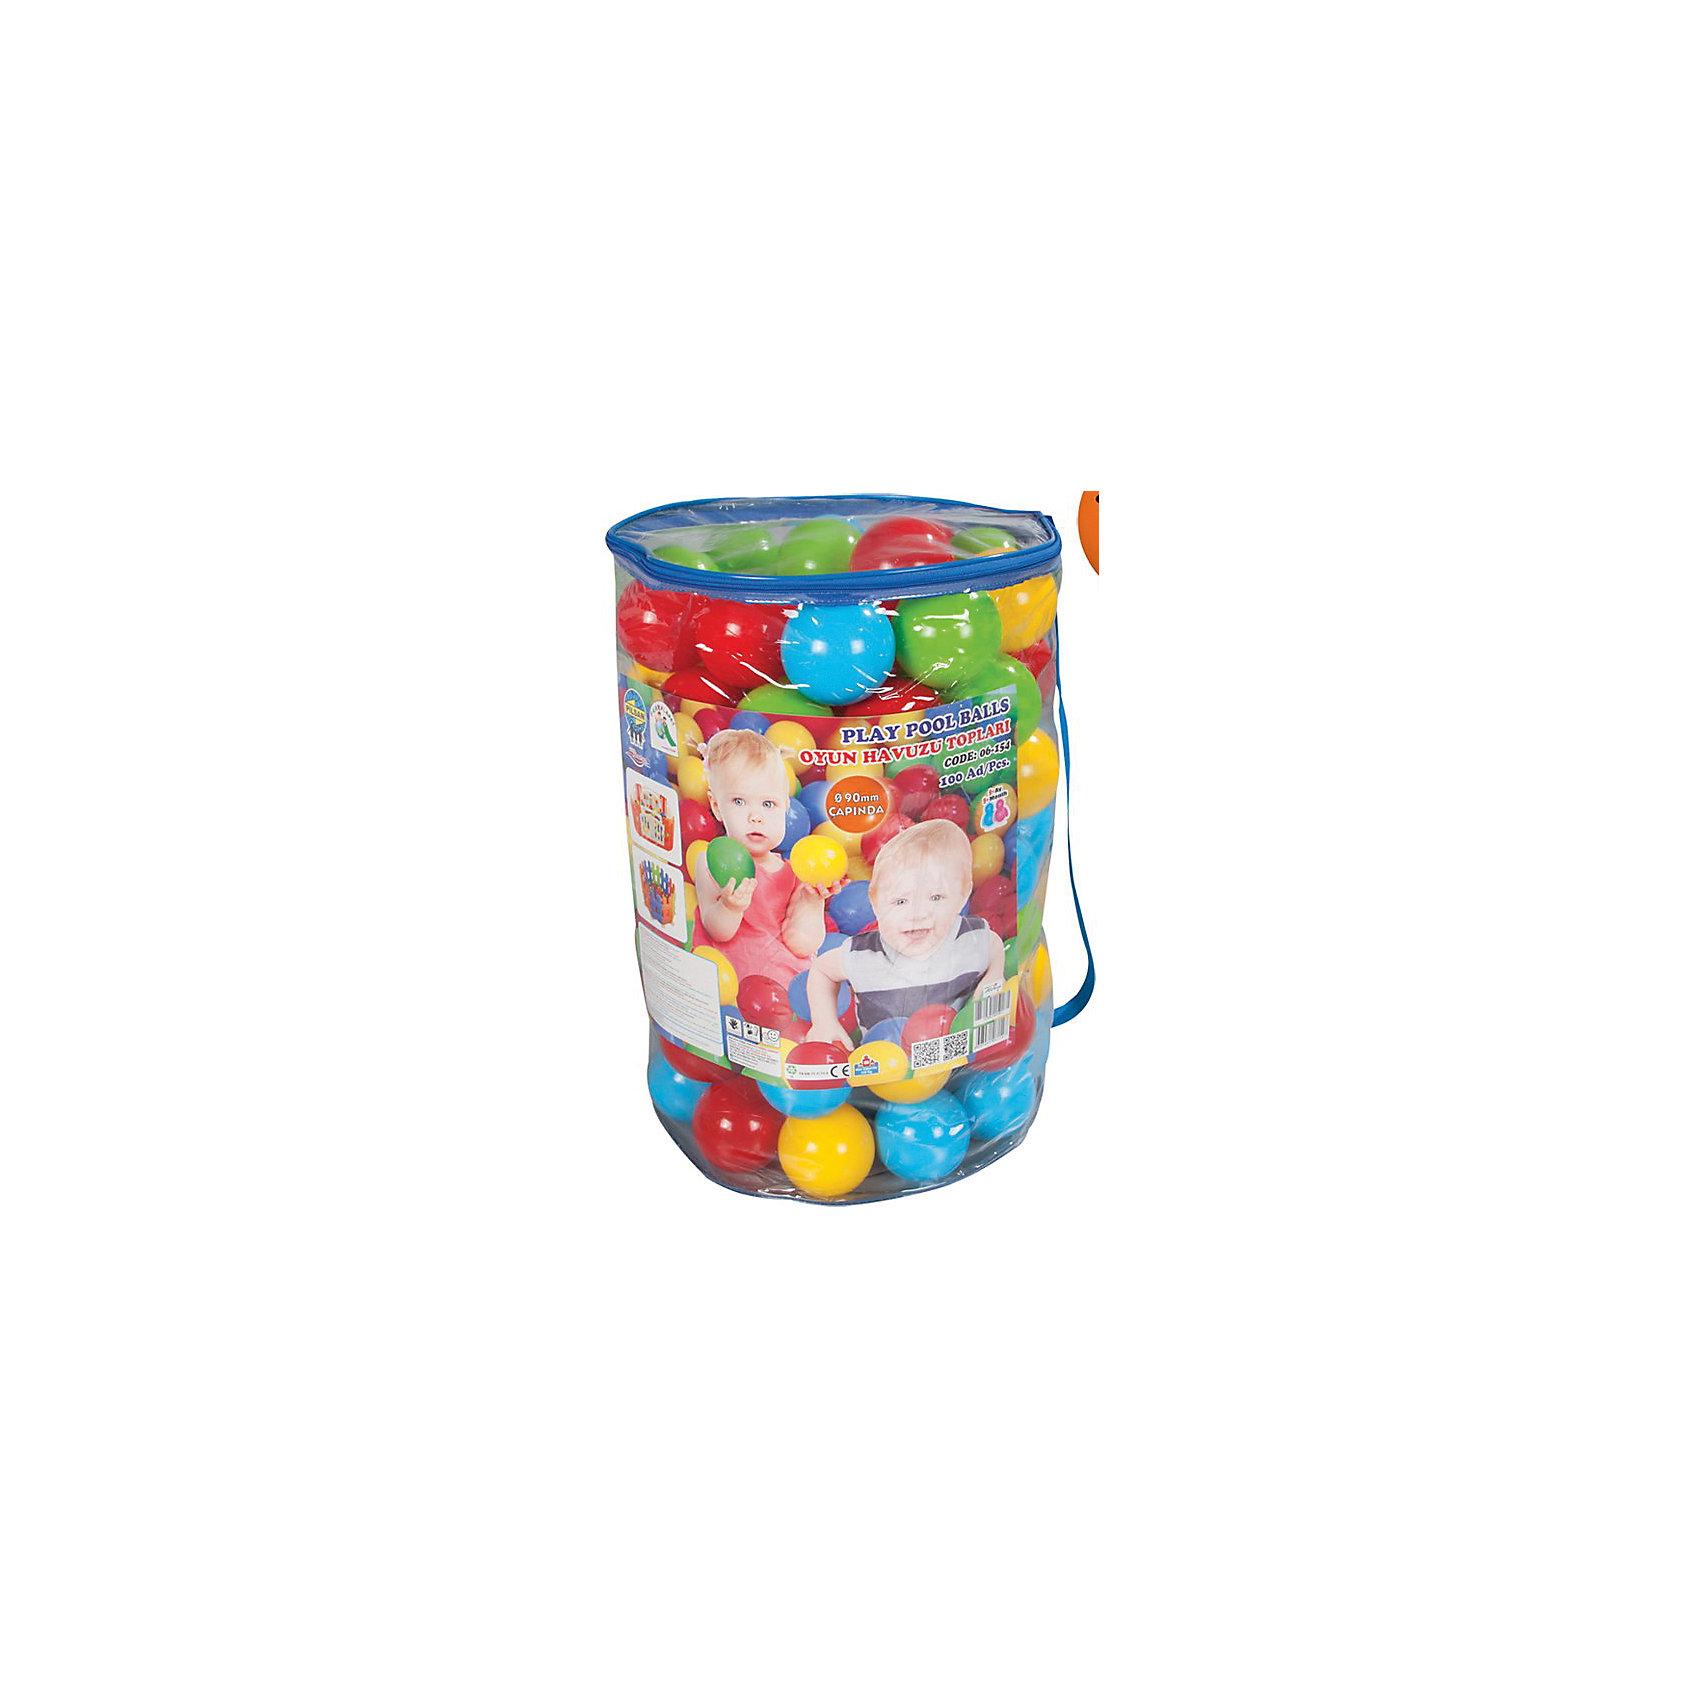 Шарики для сухого бассейна, 100 штук, 9 см, PilsanМячи детские<br>Шарики для сухого бассейна, 100 штук, 9 см, Pilsan (Пилсан).<br><br>Характеристики:<br><br>• Материал: пластик.<br>• Диаметр шарика: 9см.<br>• Цвет: разноцветные.<br>• Количество шариков в упаковке: 100шт.<br><br>Шарики для сухого бассейна, 100 штук, 9 см, Pilsan (Пилсан) предназначены для наполнения сухого бассейна. Шарики от турецкого производителя Pilsan обладают повышенной прочностью, достаточно большого размера, чтобы ребенок случайно не смог проглотить. Яркая расцветка привлечет внимание вашего малыша. Цветовое решение этих шариков поможет обучить ребенка основным цветам.<br><br>Шарики для сухого бассейна, 100 штук, 9 см, Pilsan (Пилсан), можно купить в нашем интернет - магазине.<br><br>Ширина мм: 580<br>Глубина мм: 390<br>Высота мм: 390<br>Вес г: 1750<br>Возраст от месяцев: 108<br>Возраст до месяцев: 120<br>Пол: Унисекс<br>Возраст: Детский<br>SKU: 5045001